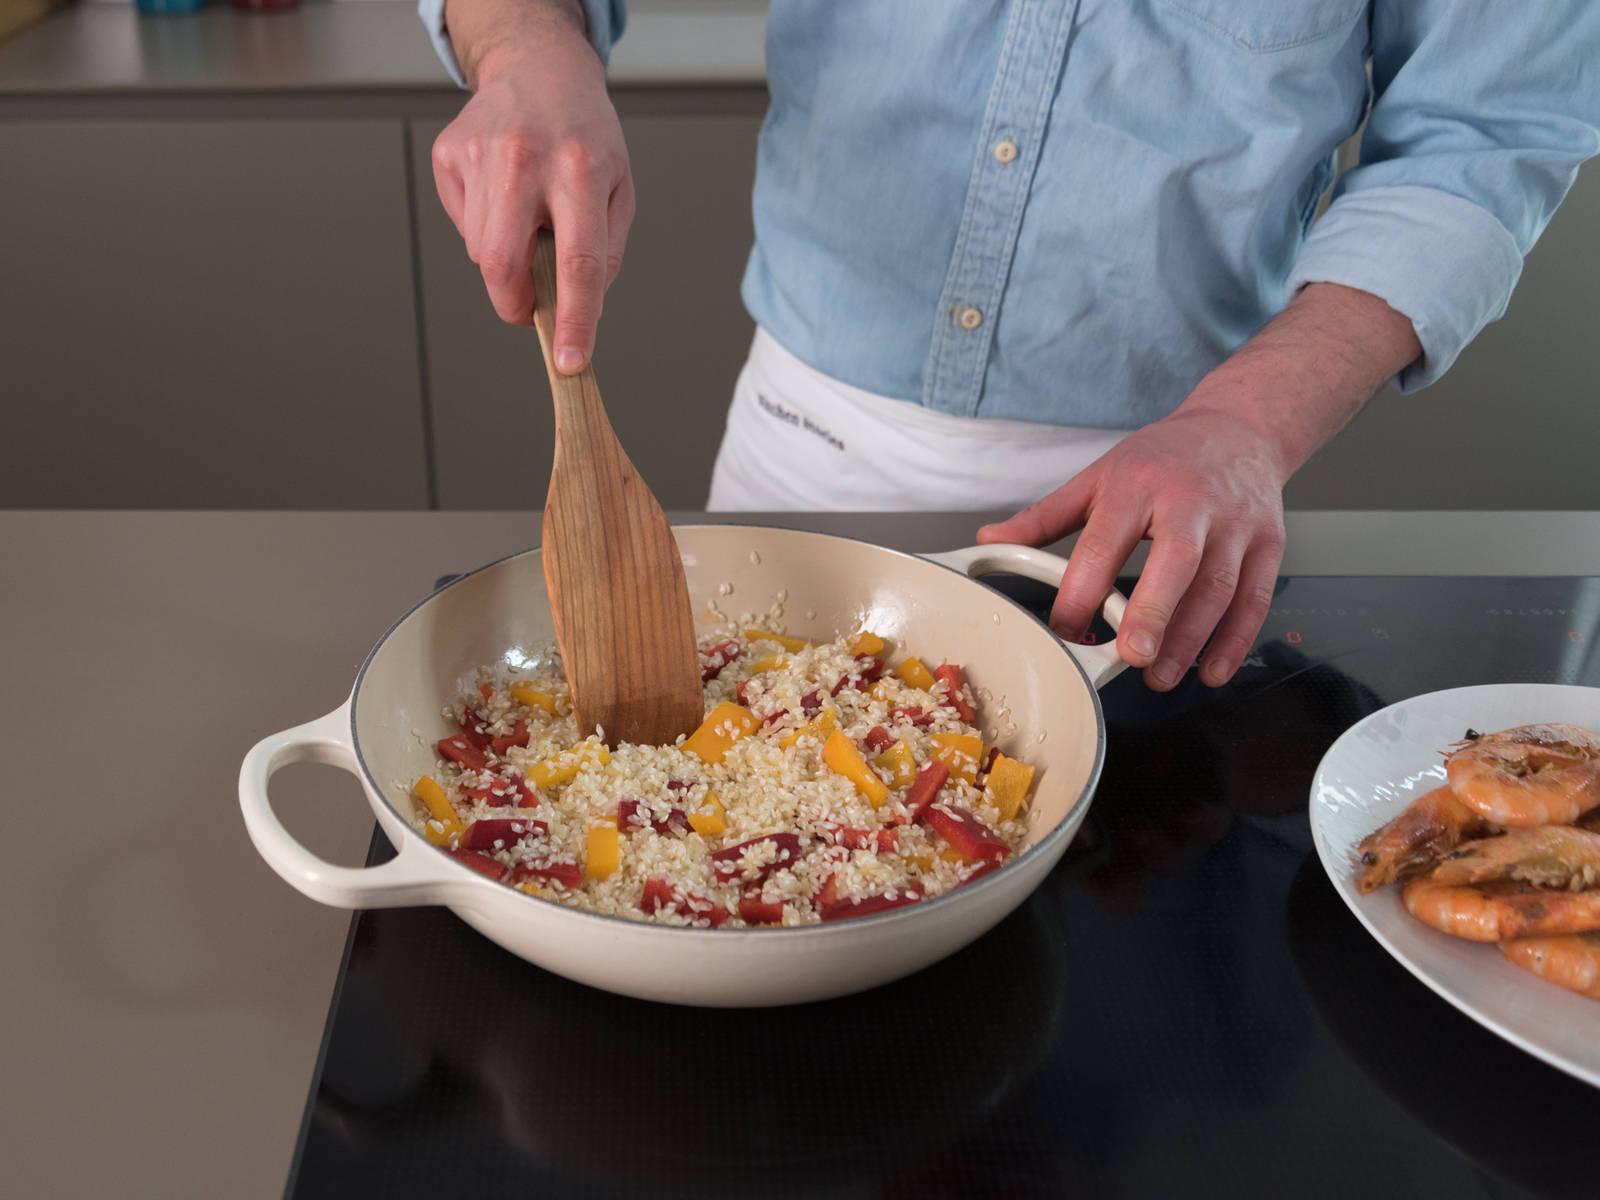 Erneut etwas Öl in Pfanne erhitzen. Zwiebel und Knoblauch ca. 2 Min. anschwitzen, danach Reis und Paprika dazugeben und ca. 2 Min. dünsten.